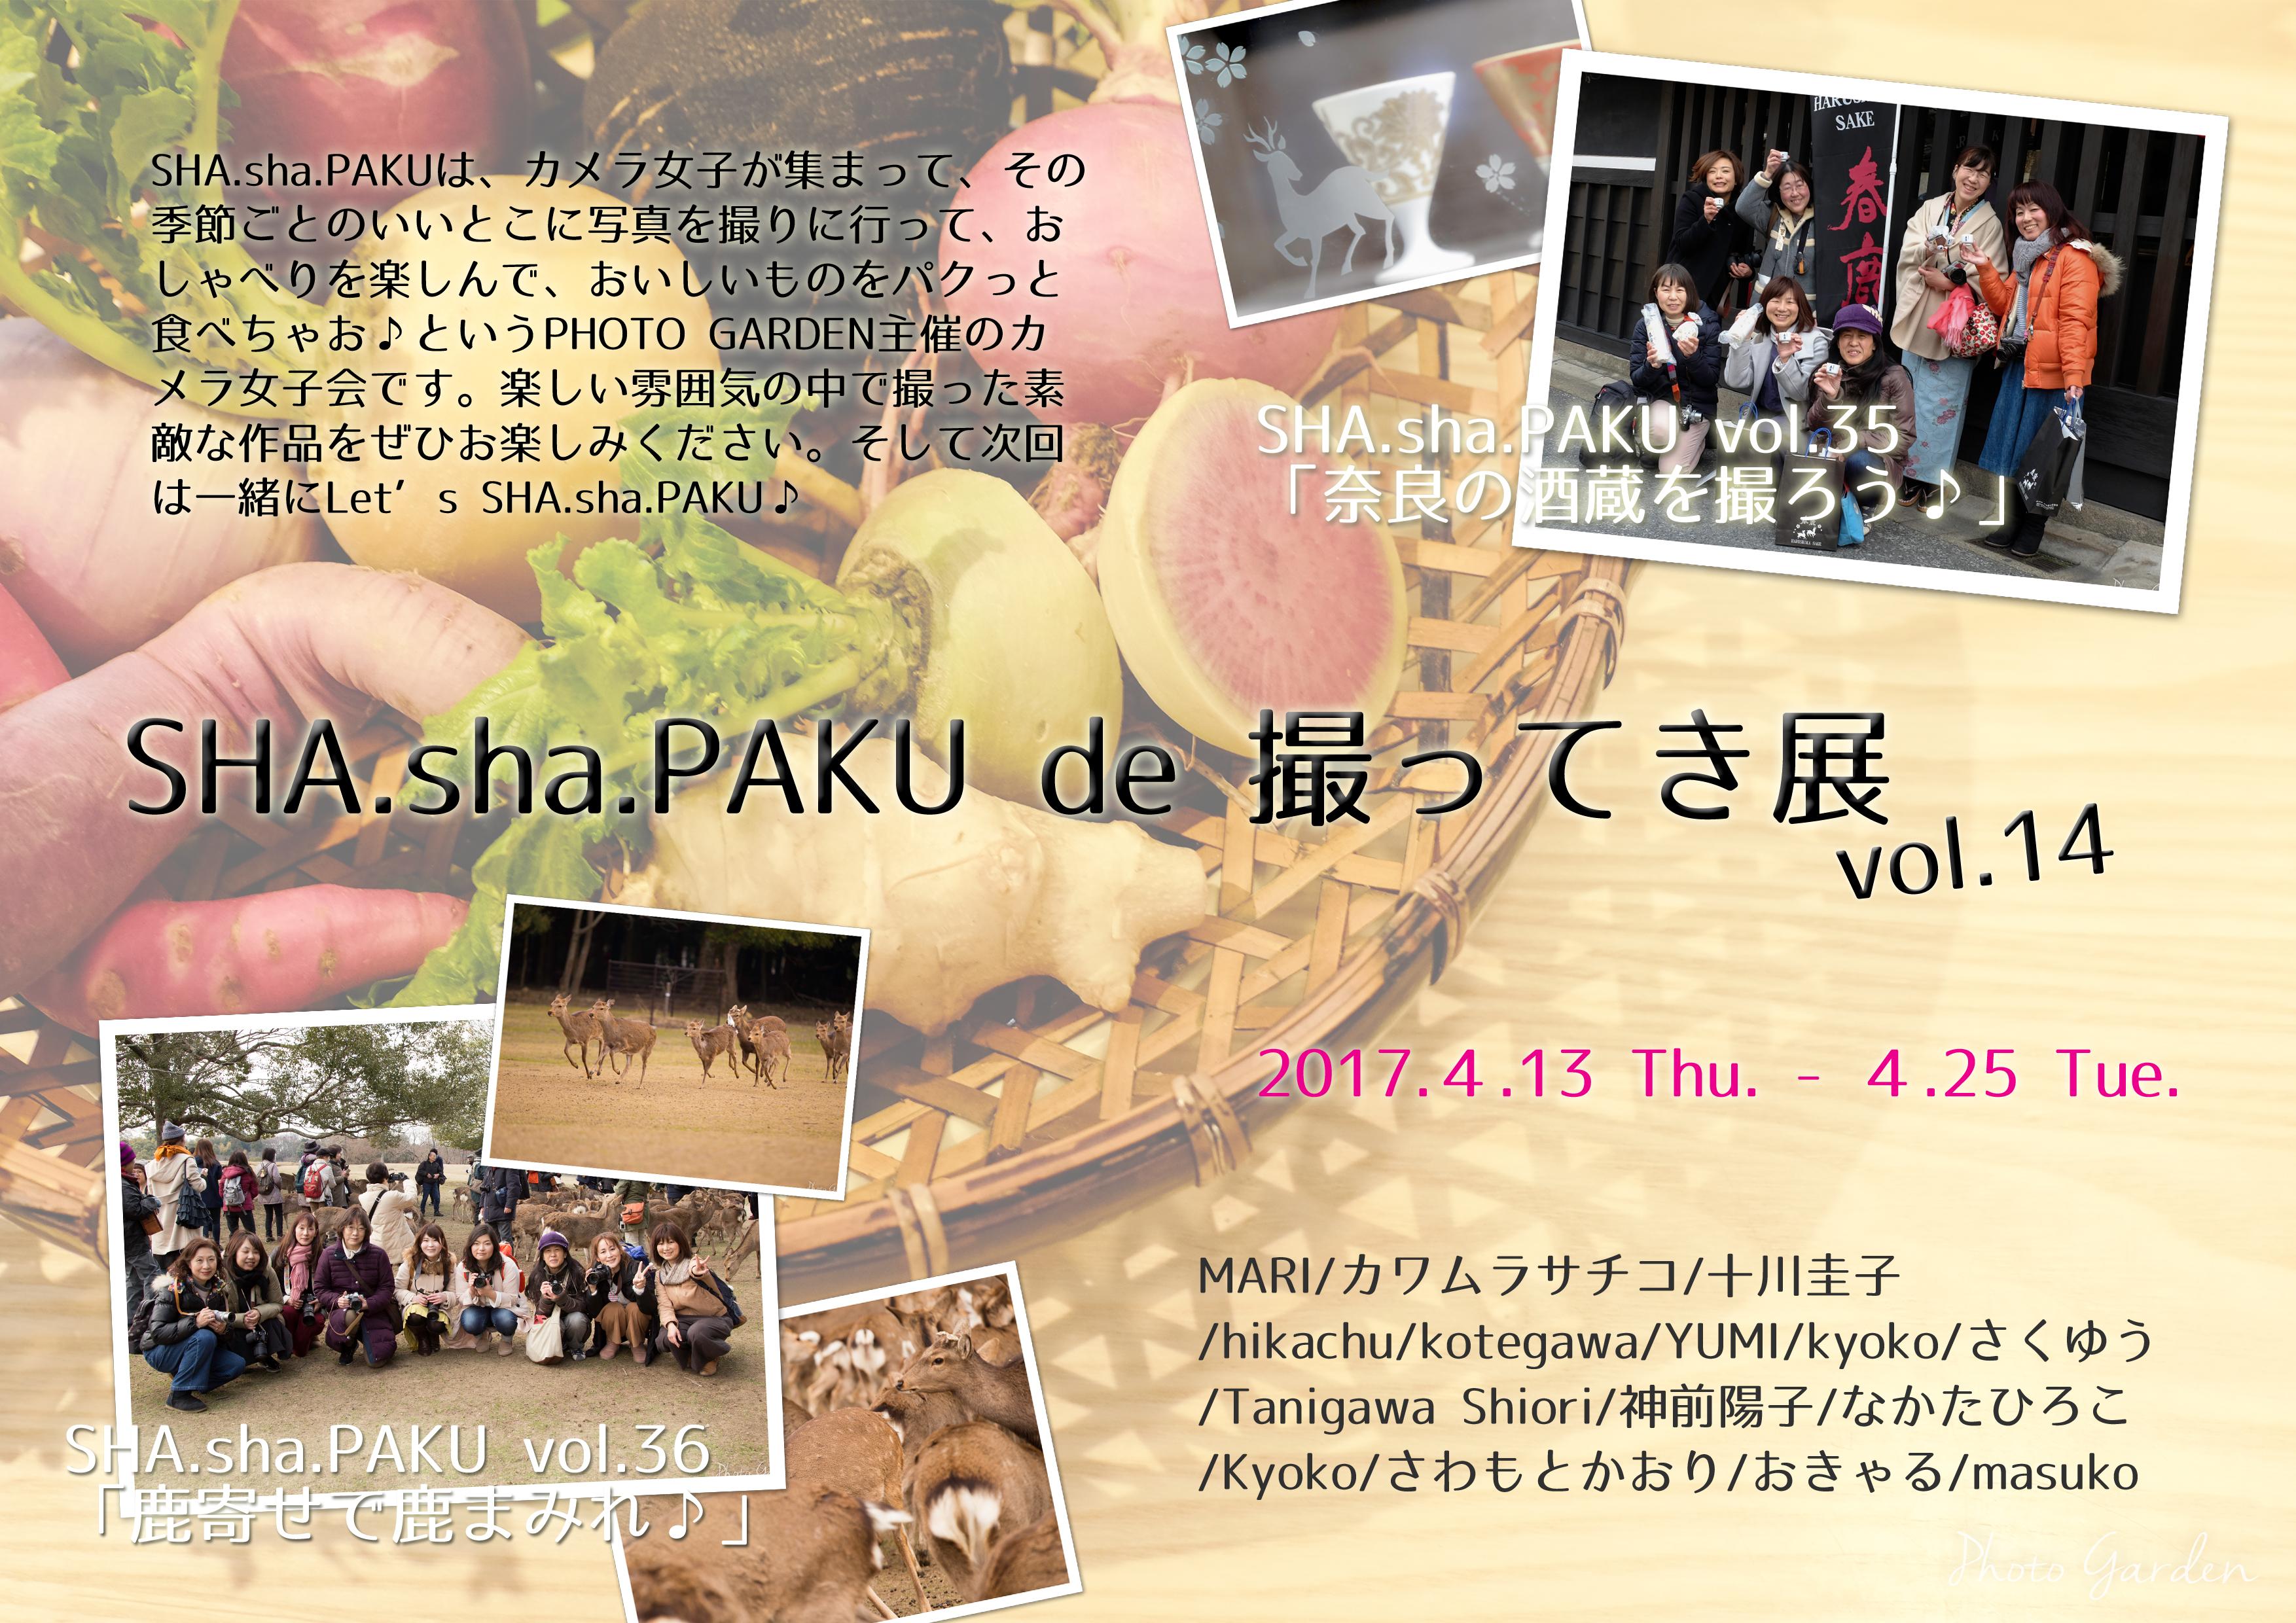 SHA.sha.PAKU de 撮ってき展 vol.14